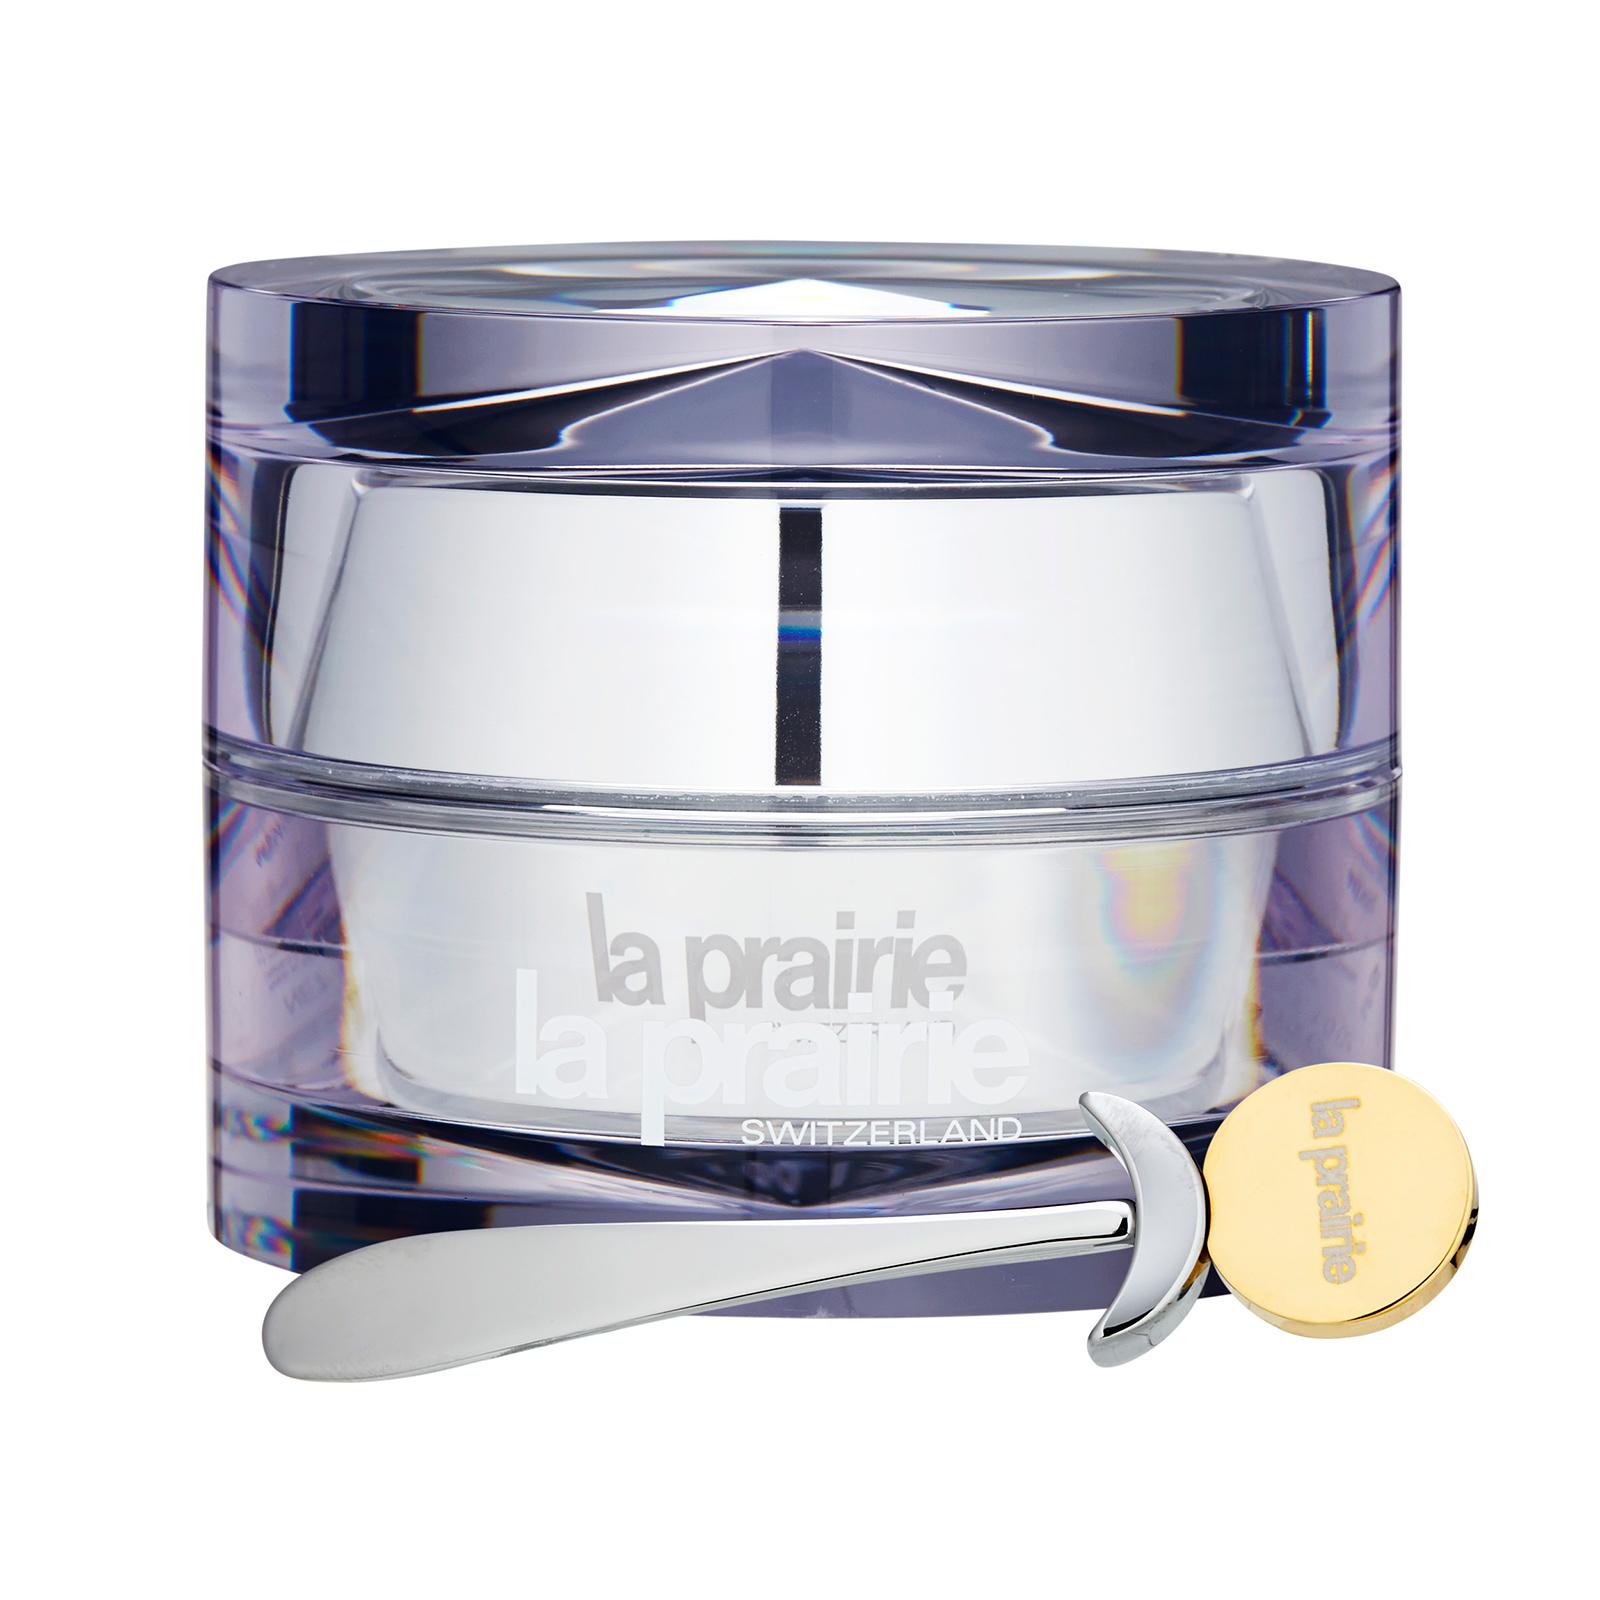 La Prairie Cellular Cream Platinum Rare 1oz, 30ml